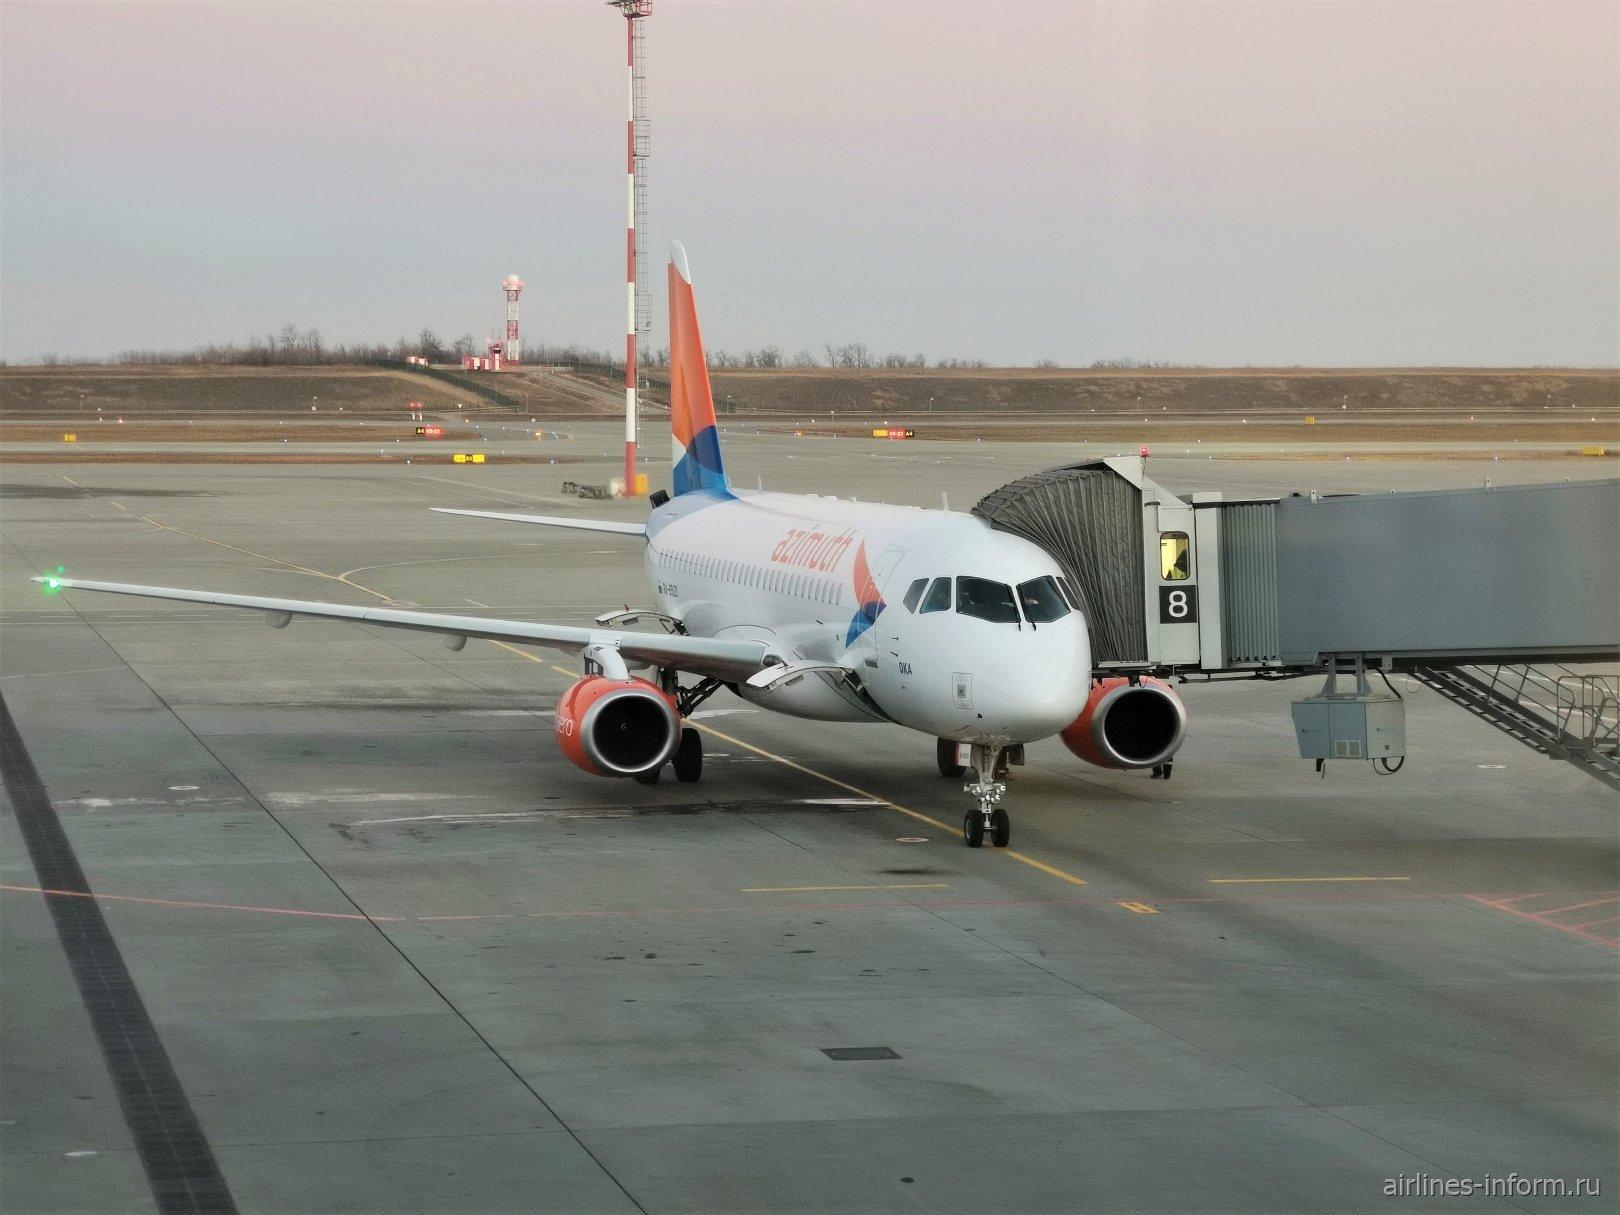 Авиалайнер Суперджет-100 авиакомпании